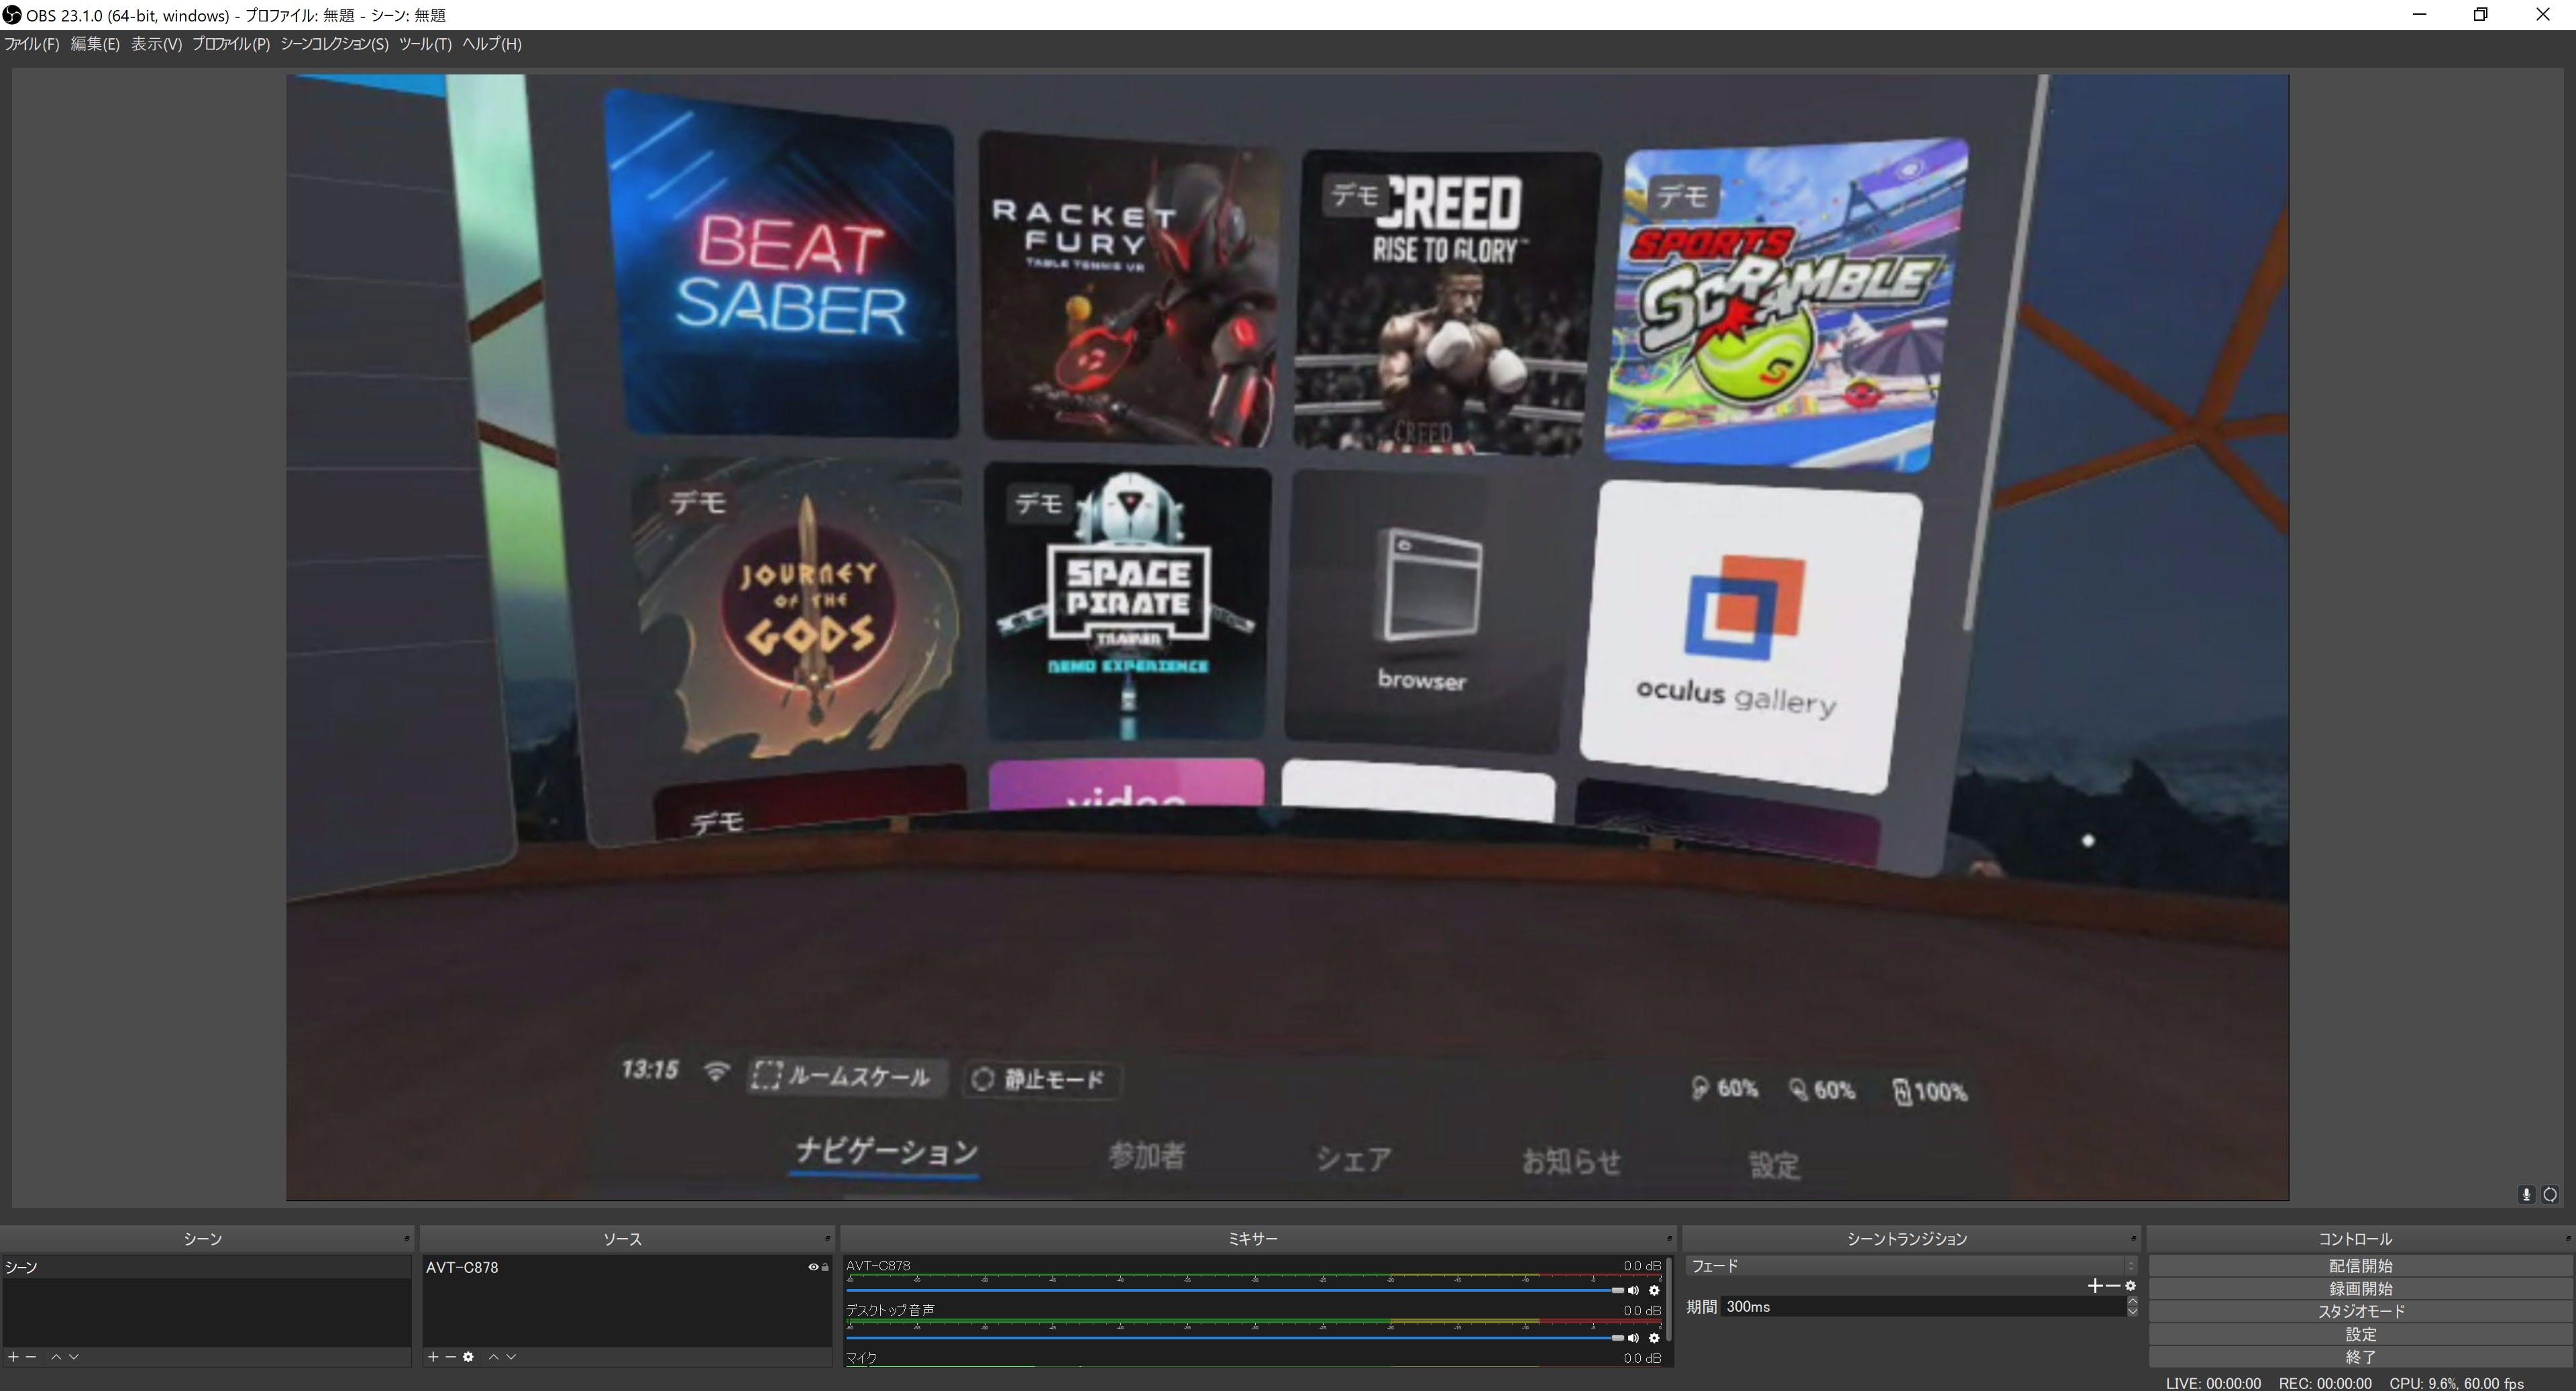 Oculus Quest の映像をテレビに映したりキャプチャする方法 - Qiita